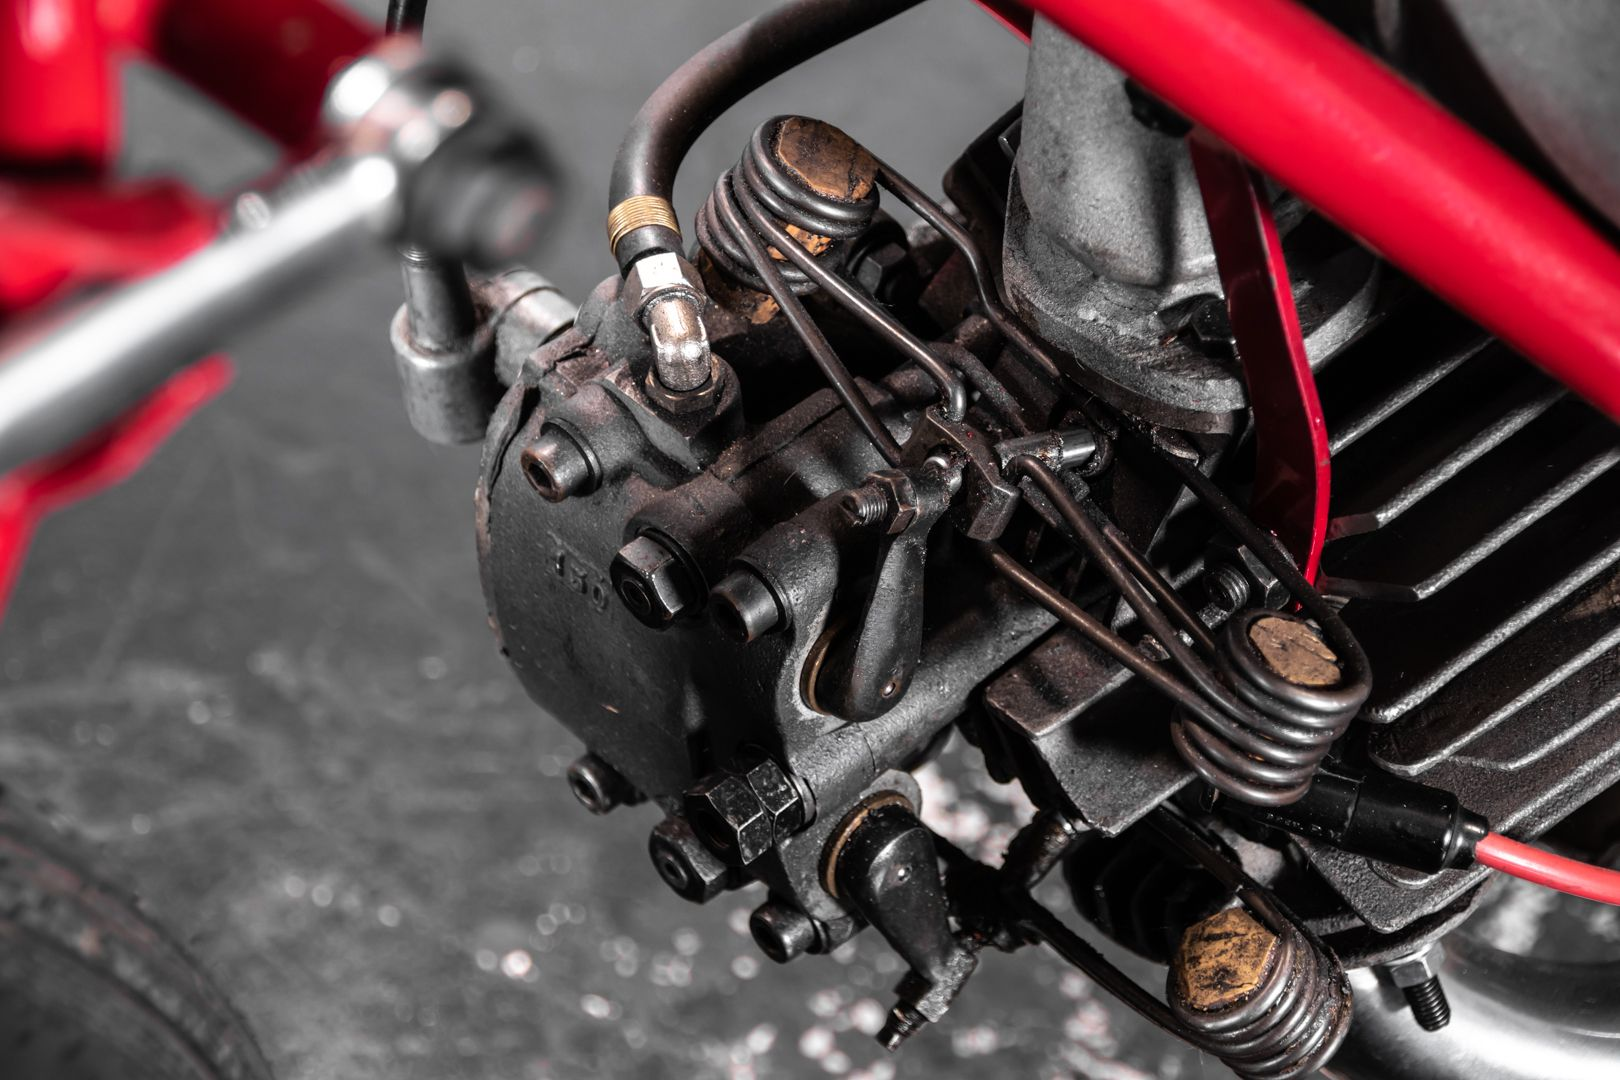 1938 Moto Guzzi 250 Compressore 77239